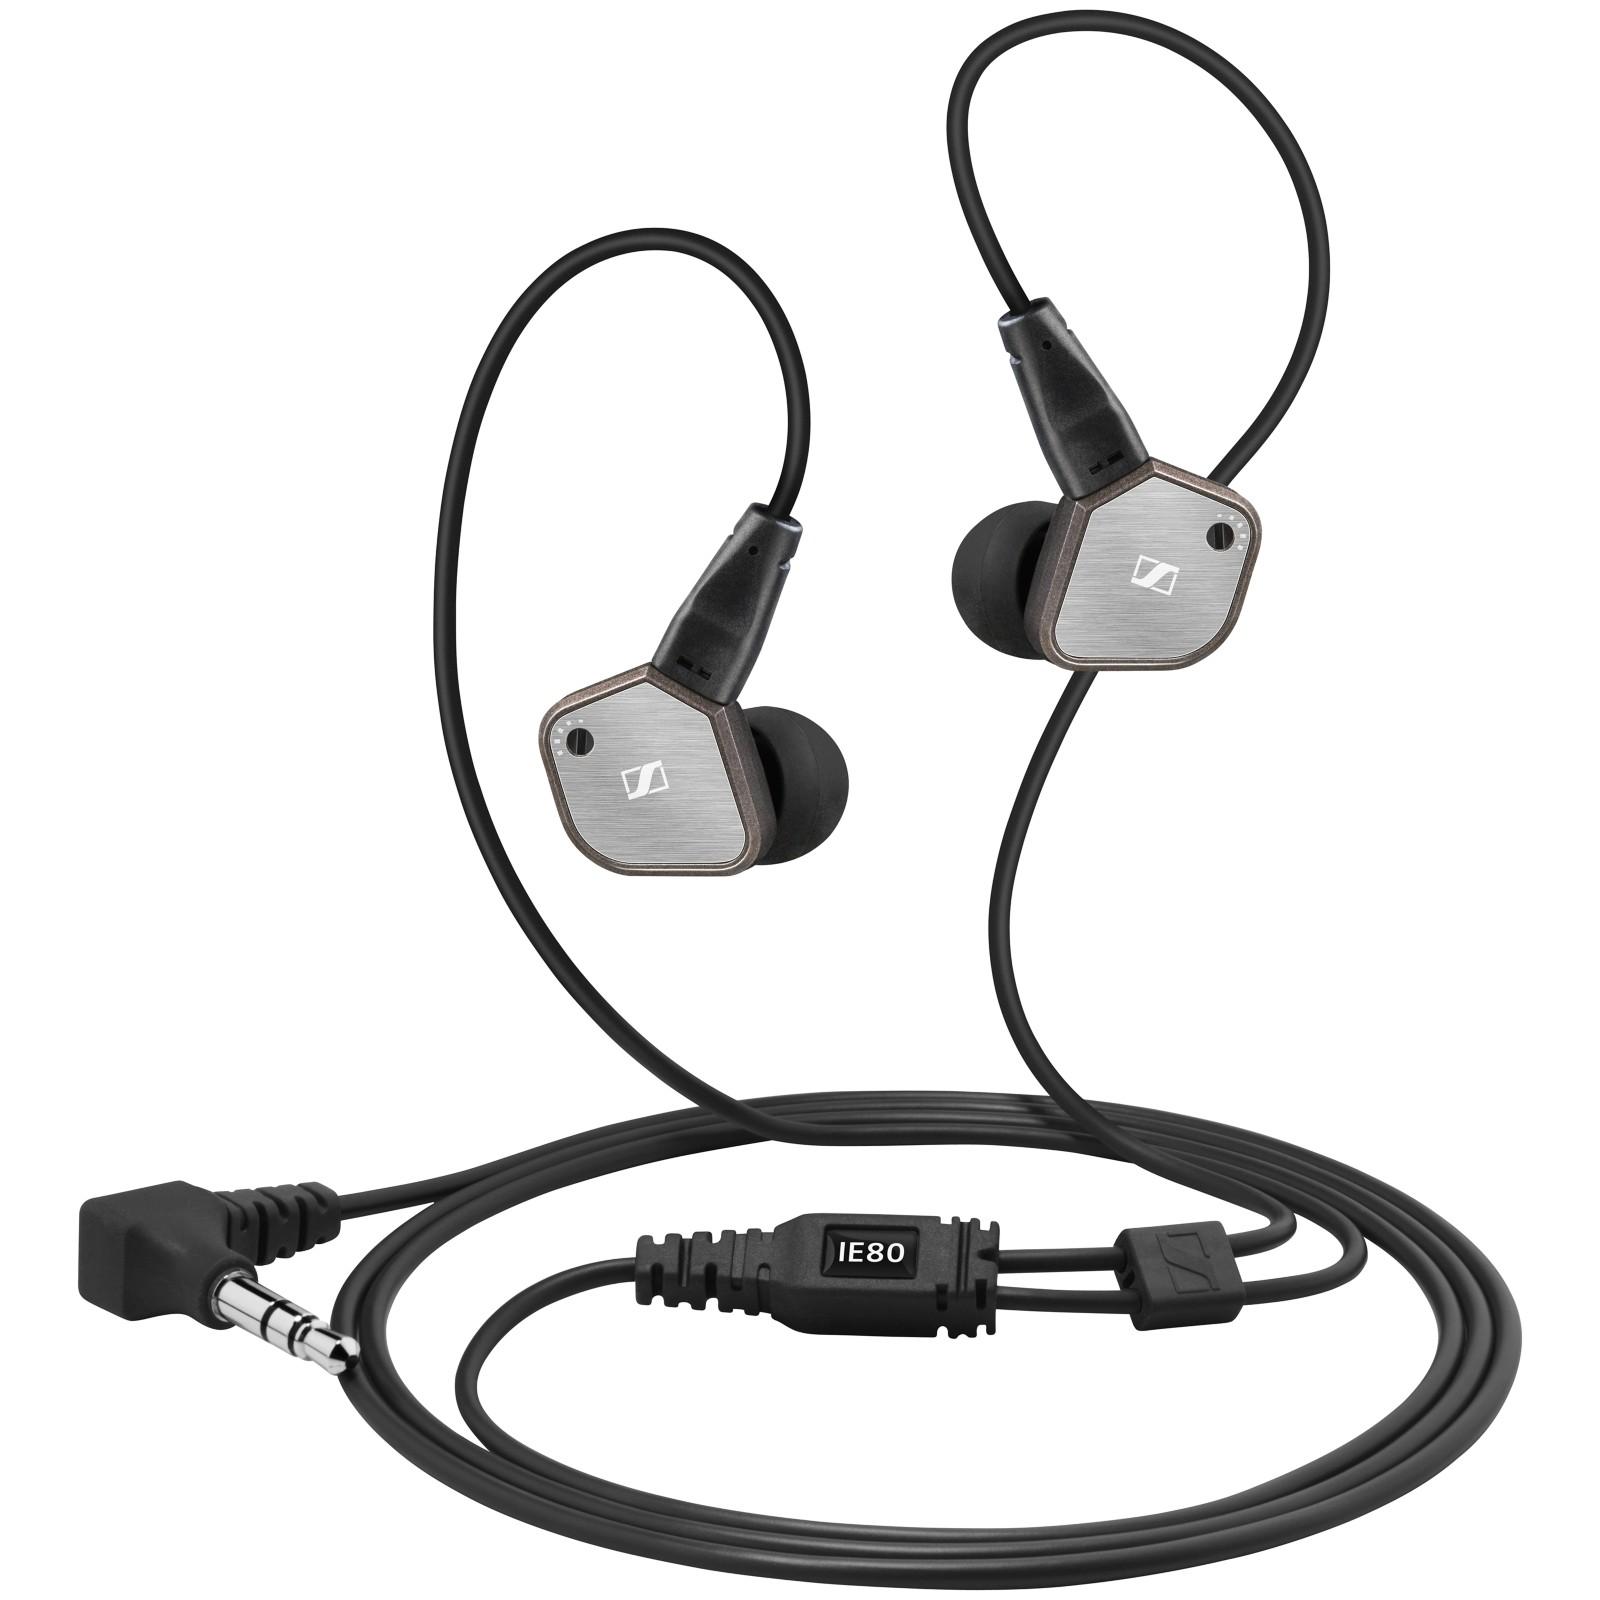 Sennheiser IE 80 Ear Canal Headphones